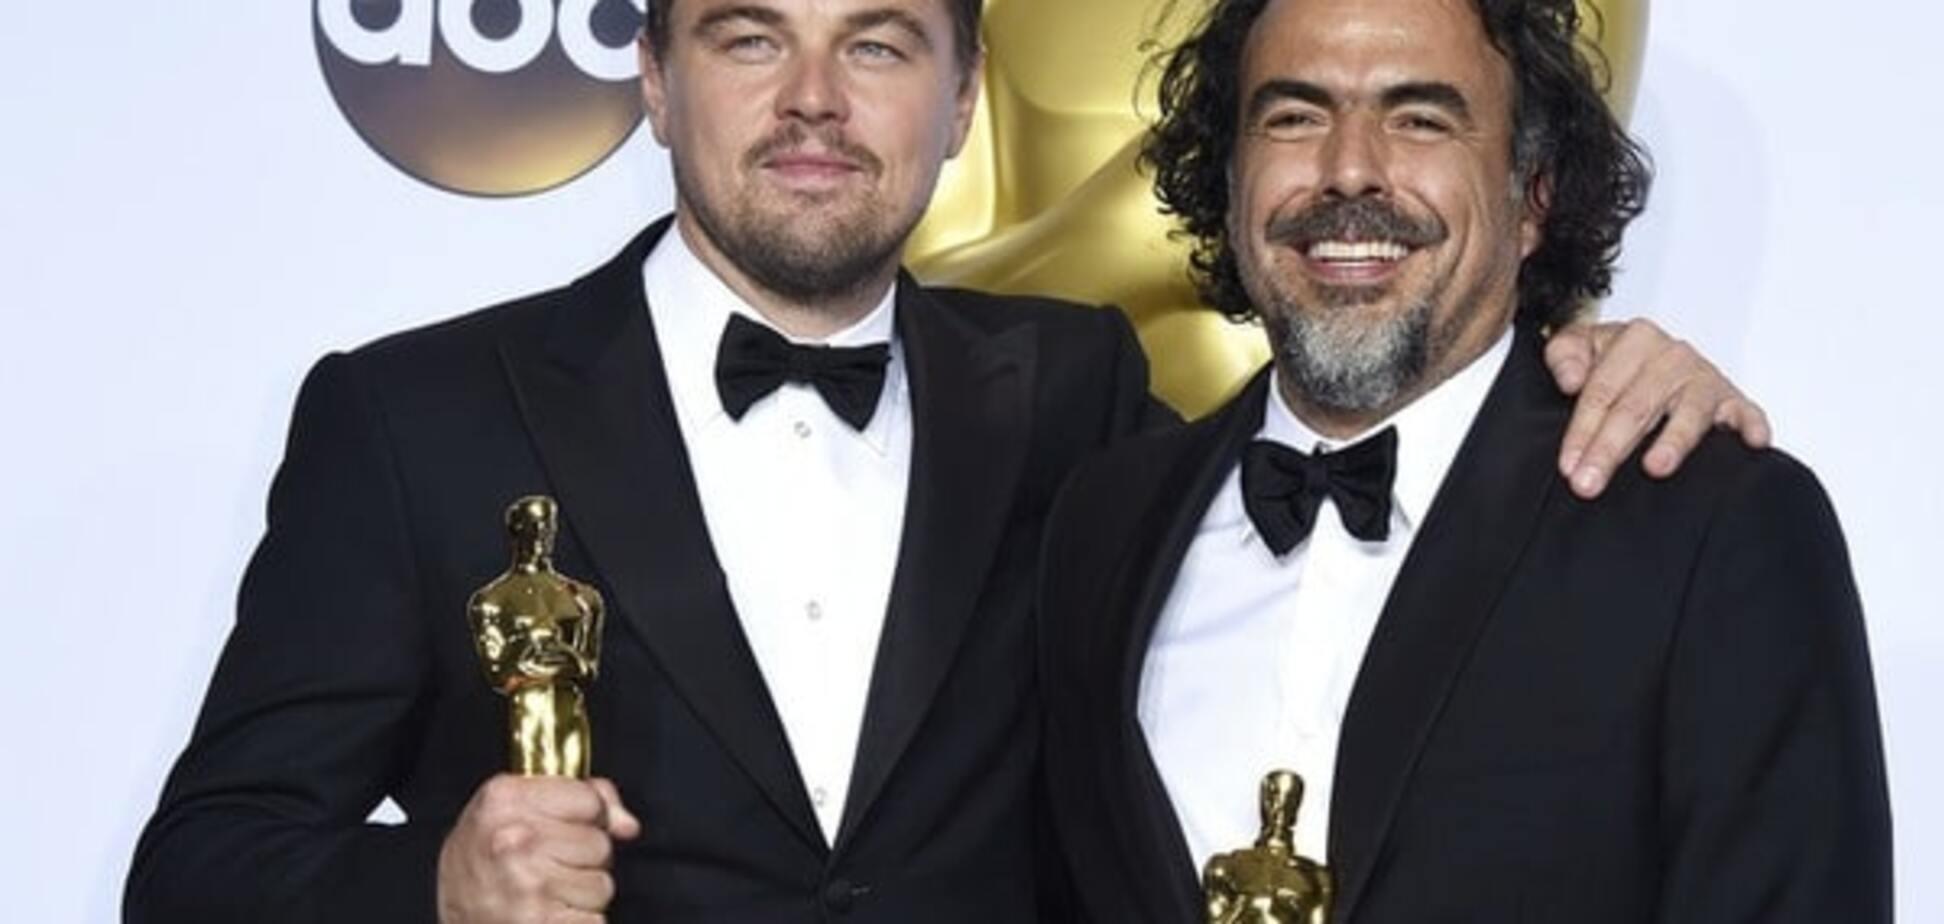 Опубликованы яркие и необычные фото победителей 'Оскара 2016'